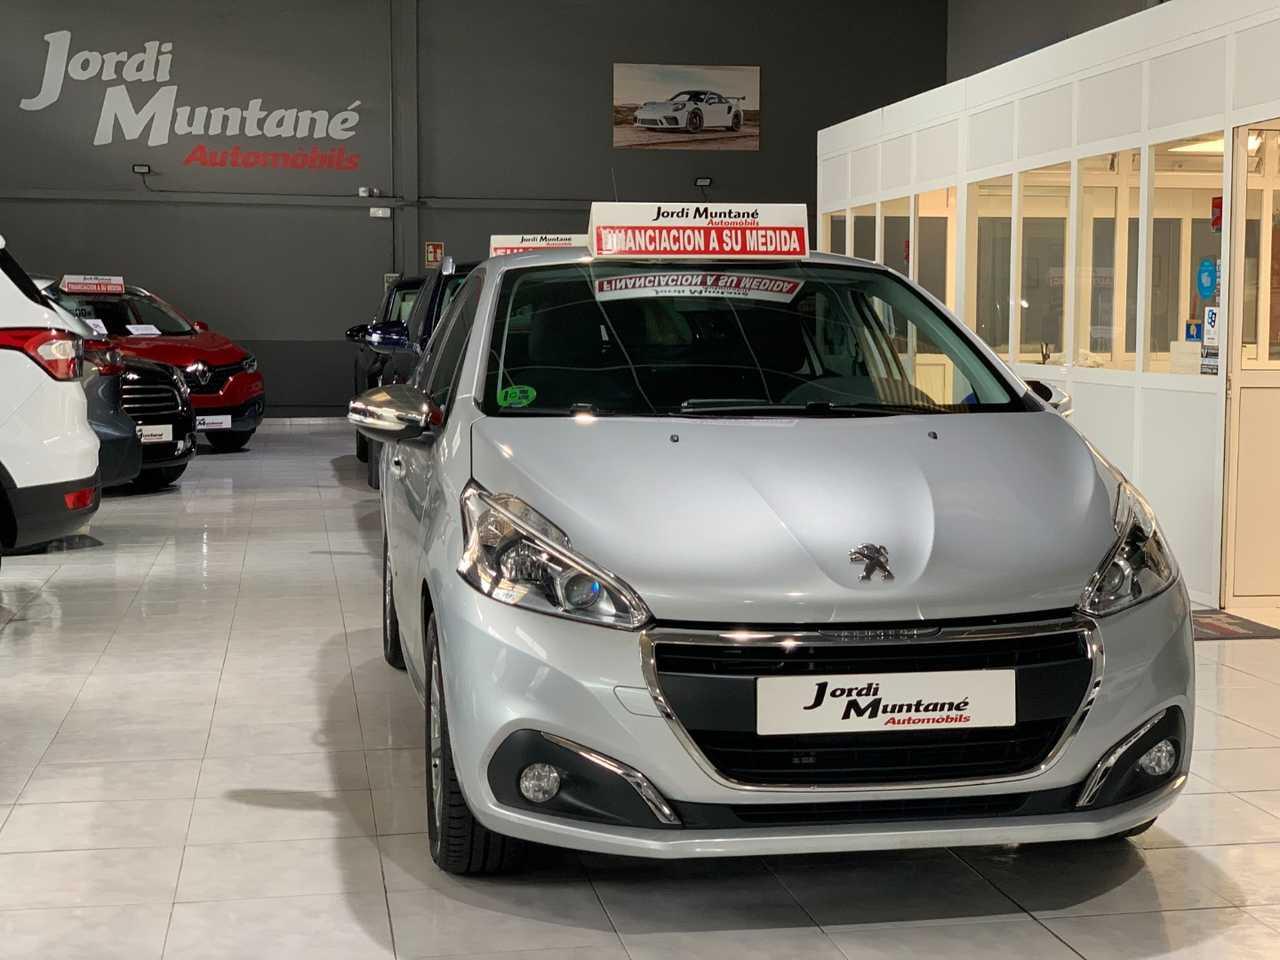 Peugeot 208 1.2 VTI 82cv.-